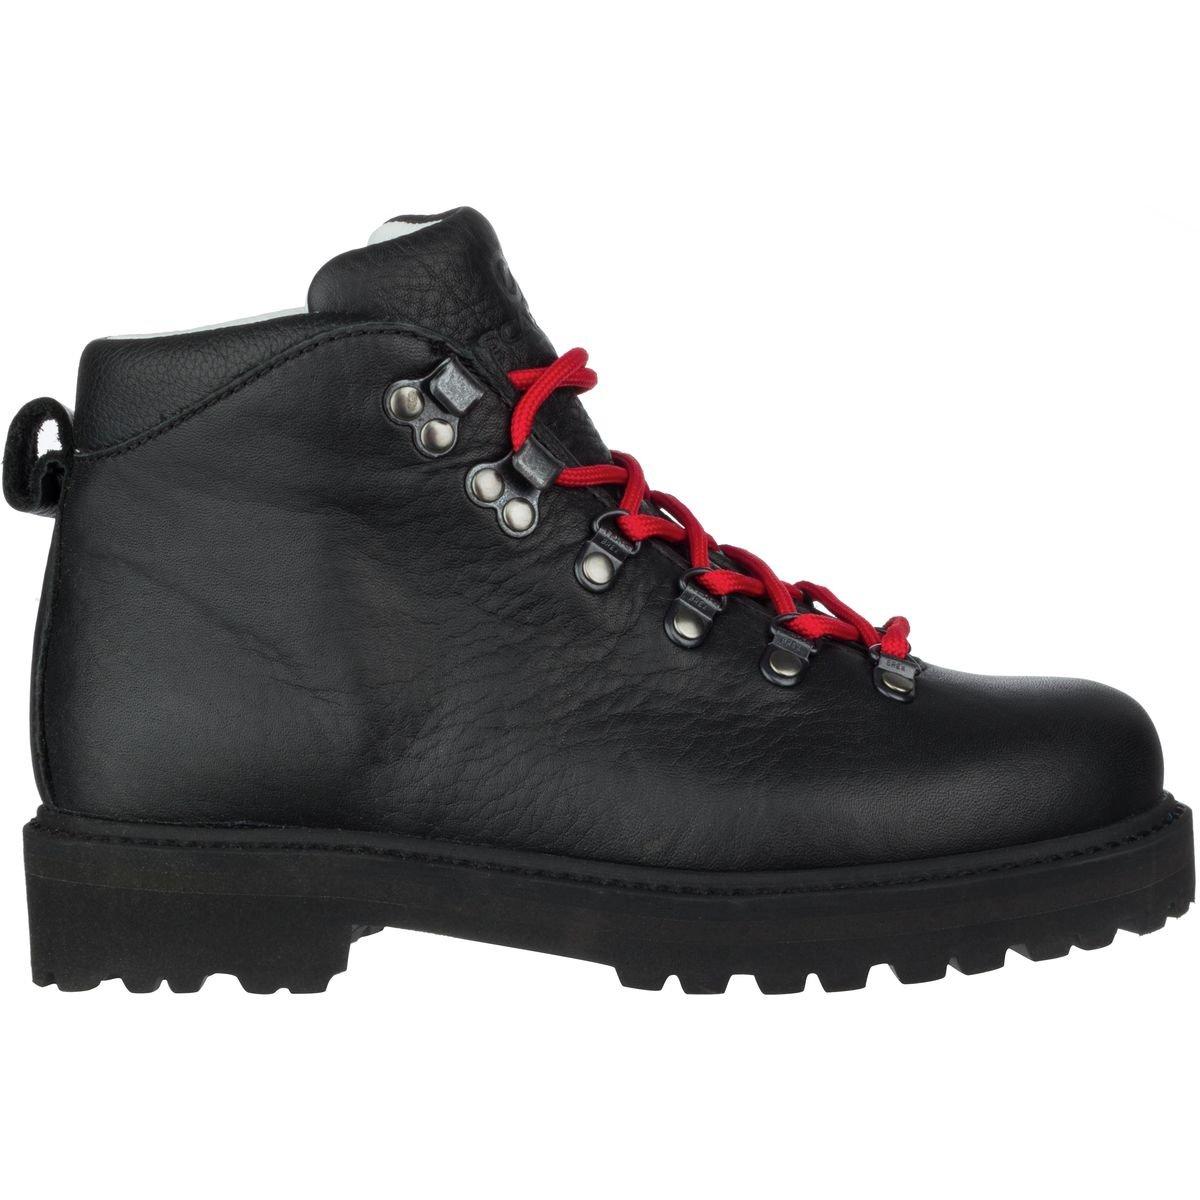 SCARPA Prime X Lite Boot - Women's B077GZPQC1 37 M EU|Black